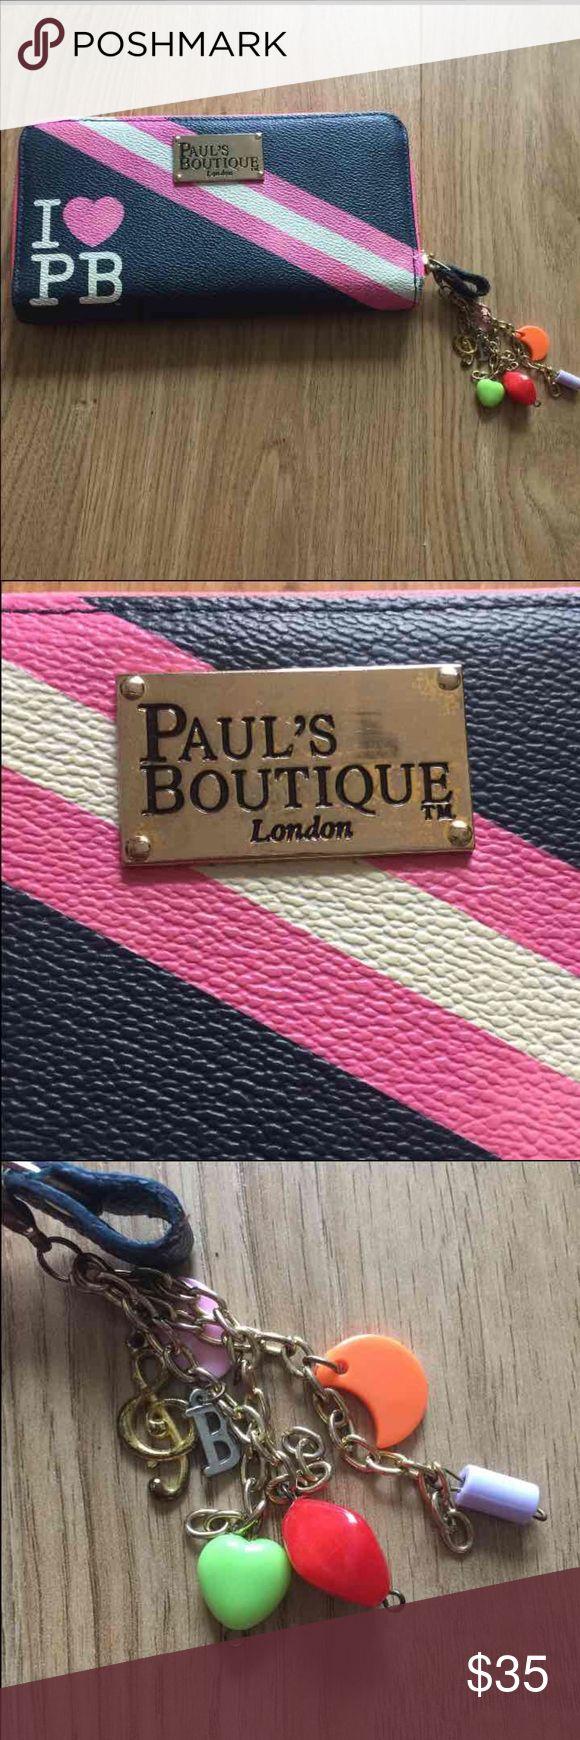 Paul's boutique wallet Bright vibrant colors! Bags Wallets